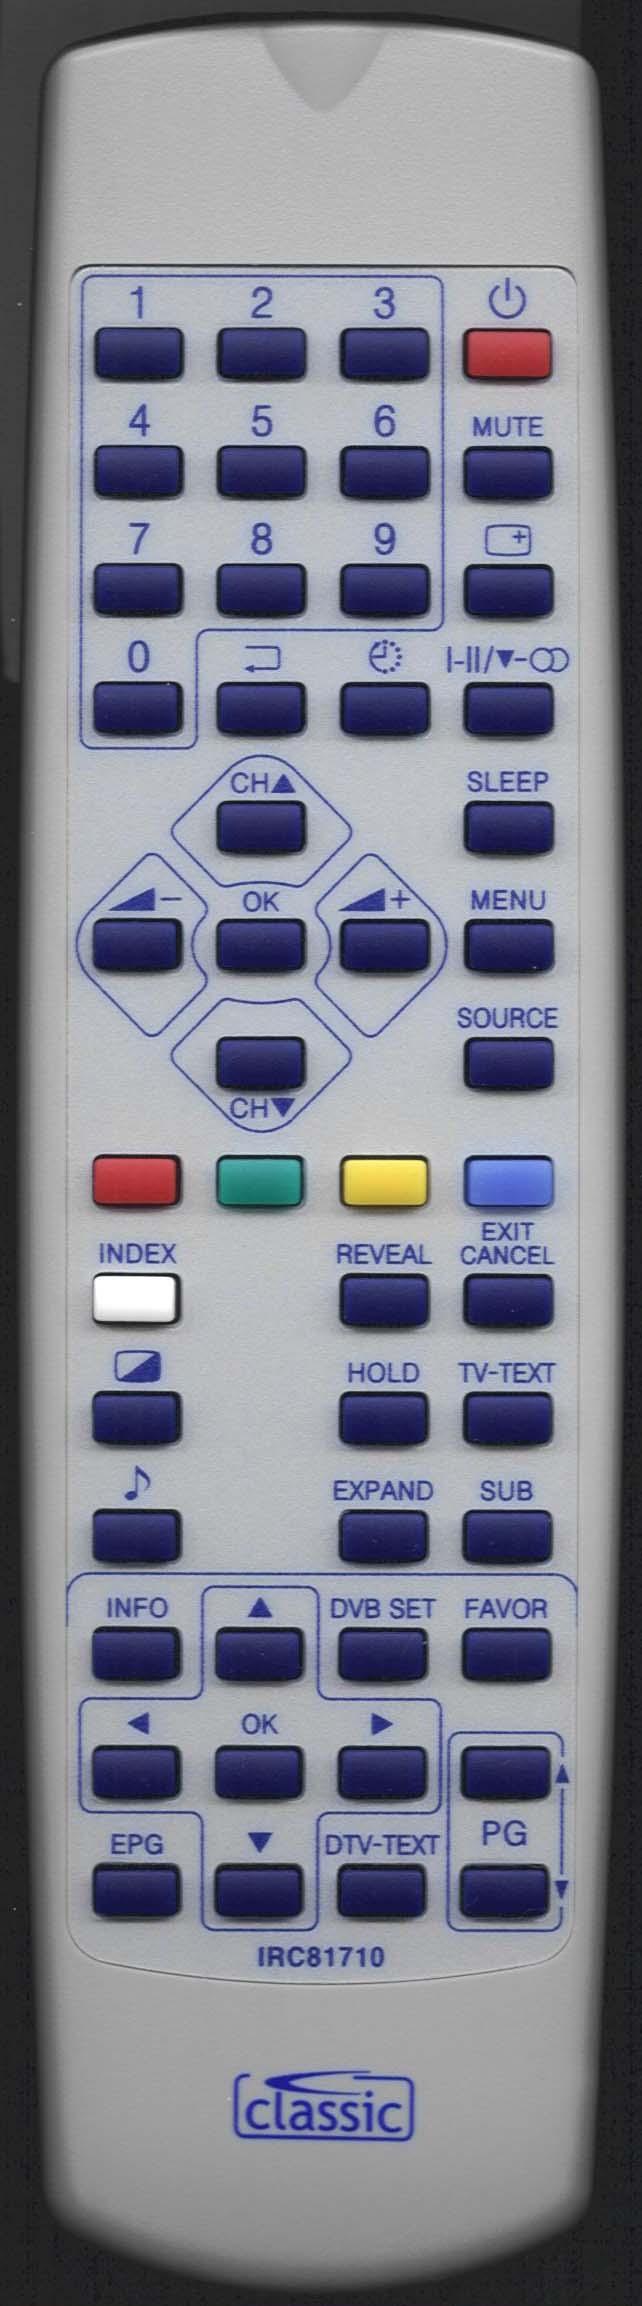 Cello LTV-0402 Remote Control